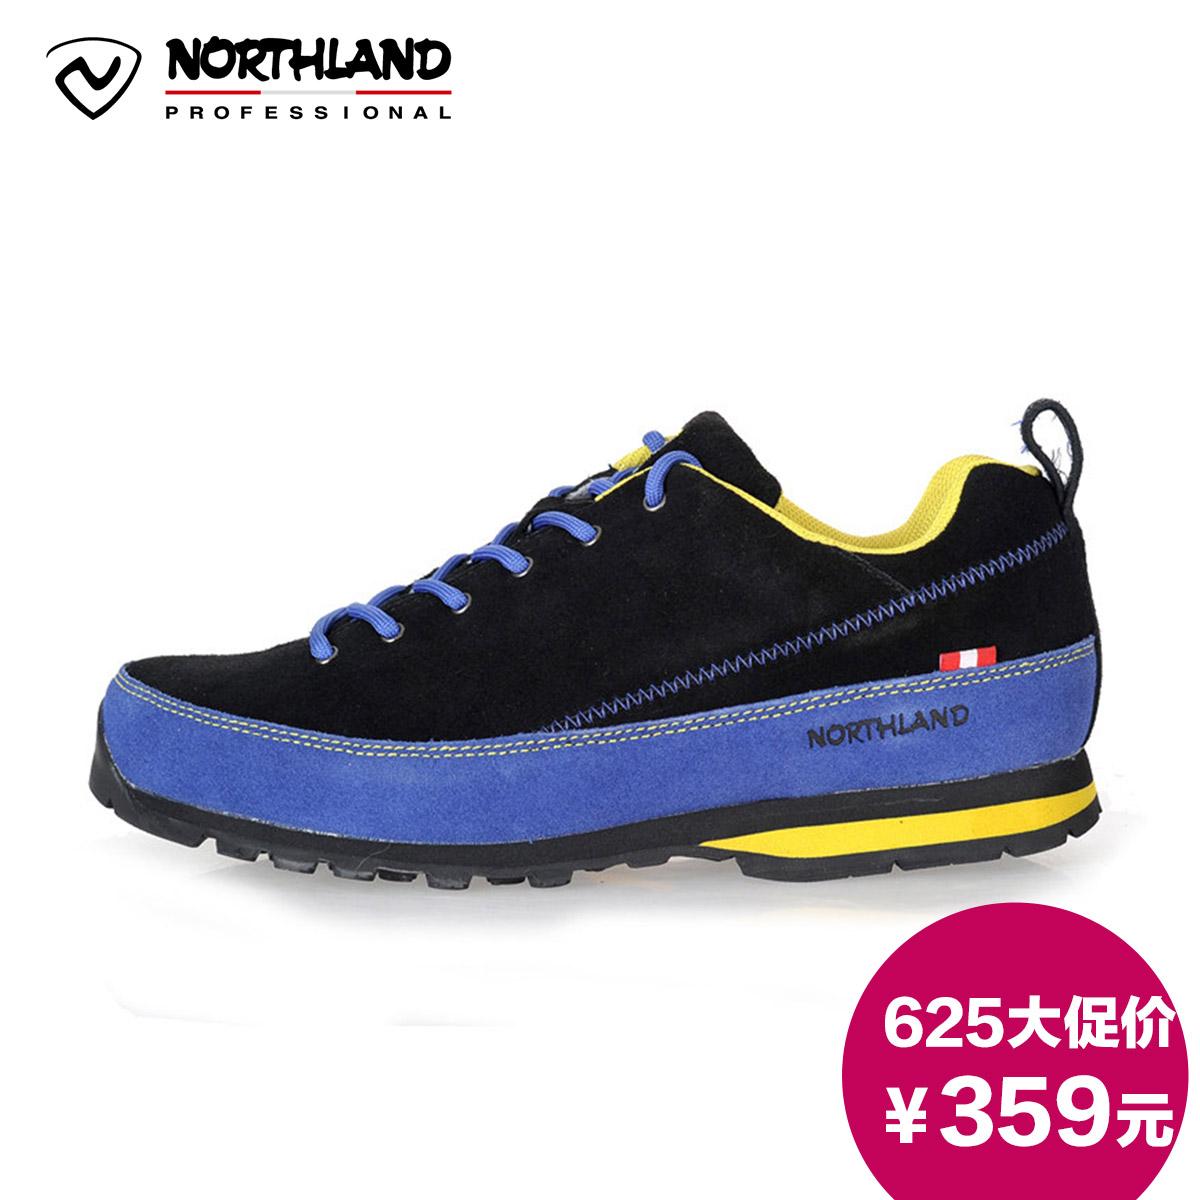 трекинговые кроссовки Northland fa995528